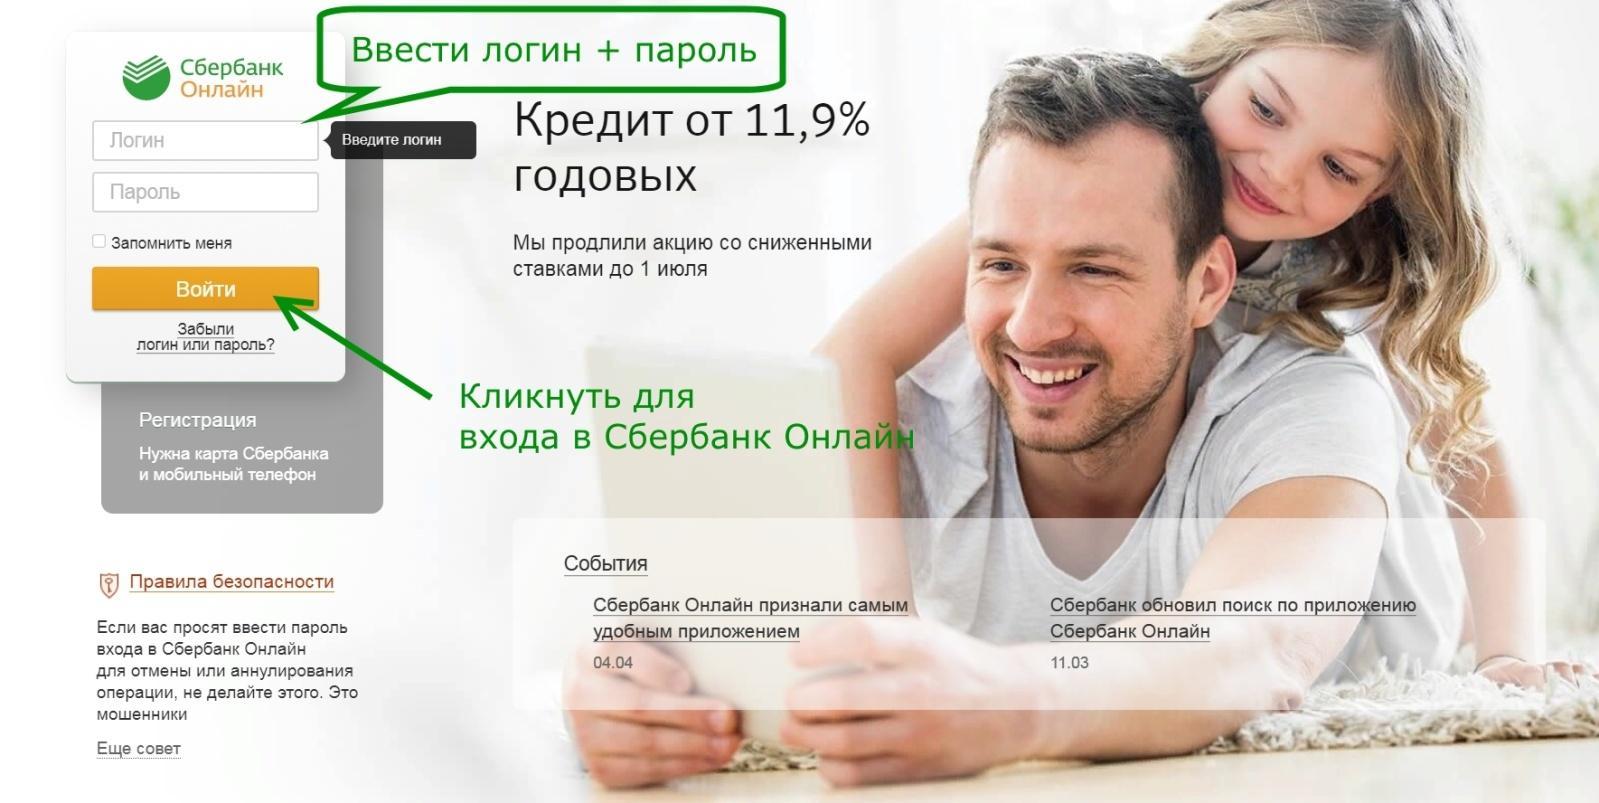 C:\Users\Лена\Desktop\вход в Сбербанк Онлайн.jpg